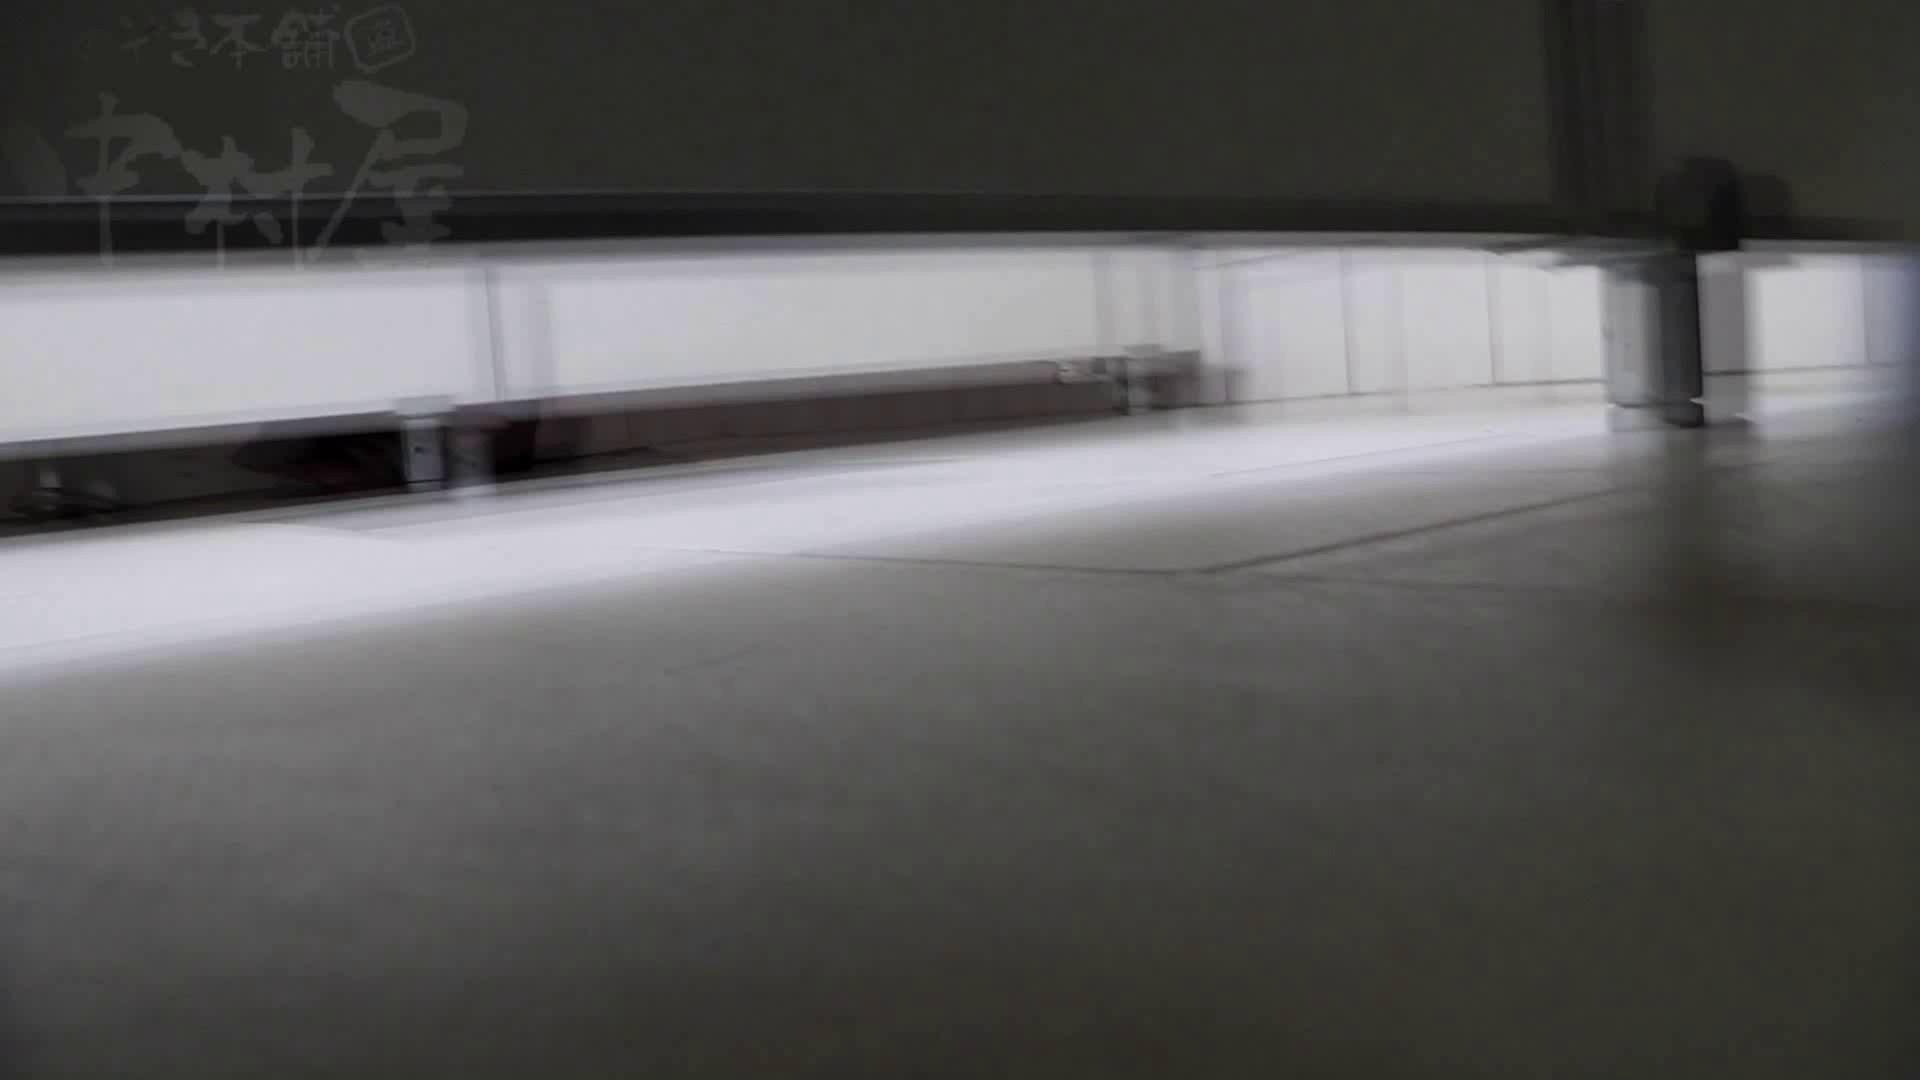 美しい日本の未来 No.06 更に侵入フロント究極な画質 乙女 盗撮画像 76連発 13